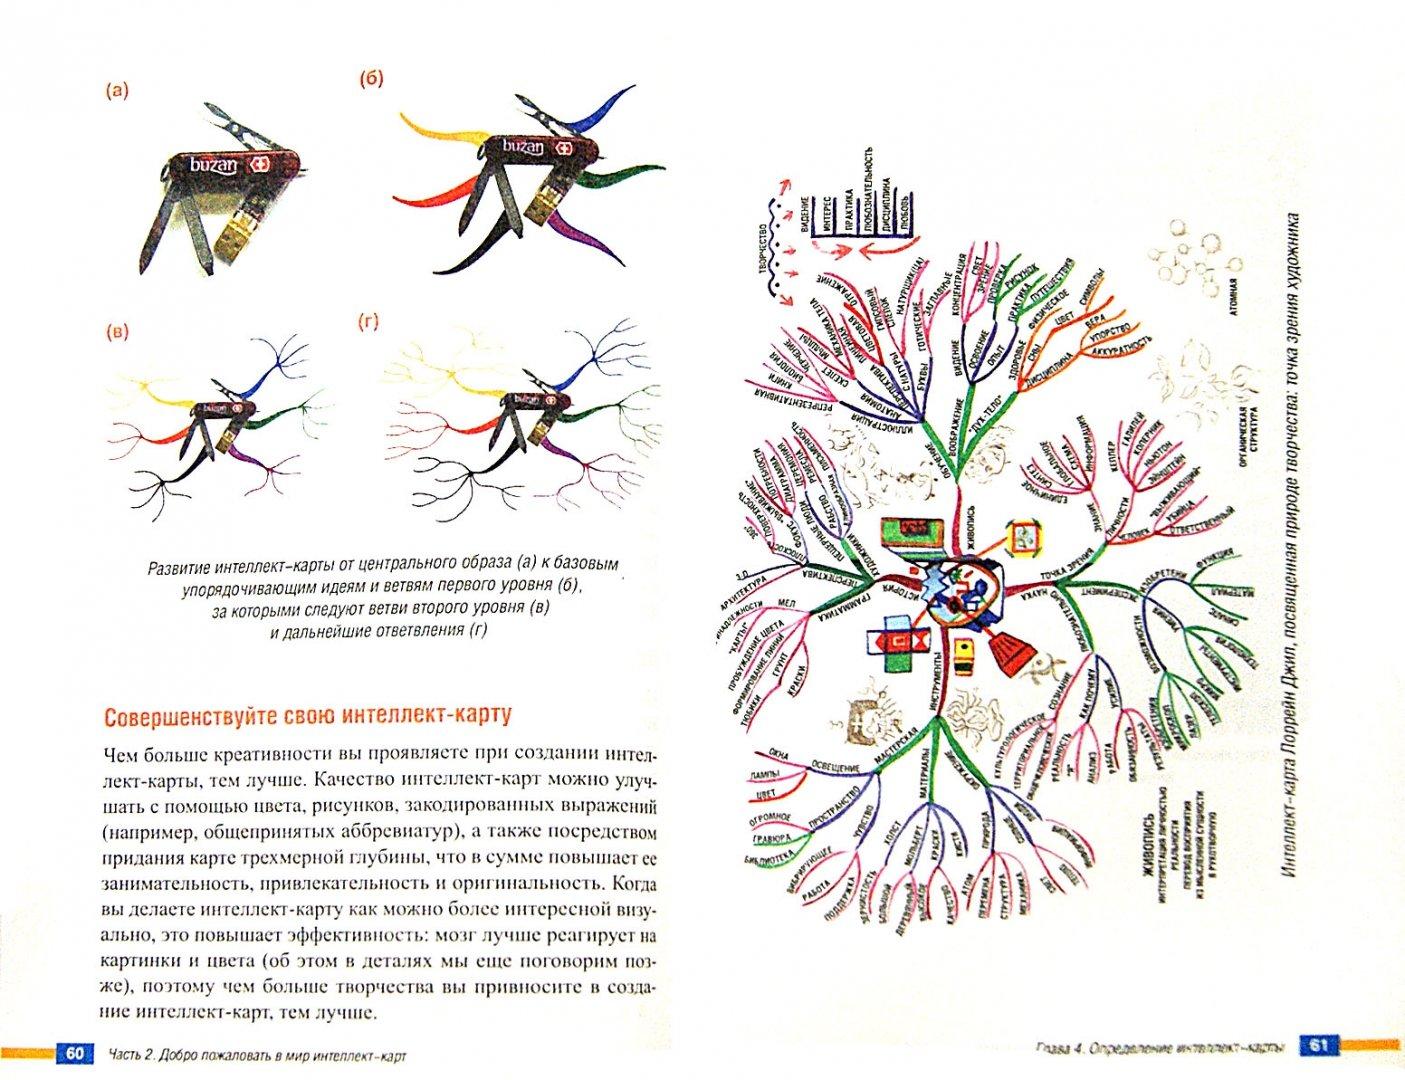 Иллюстрация 1 из 12 для Супермышление. Измените свою жизнь с помощью интеллект-карт - Бьюзен Тони и Барри   Лабиринт - книги. Источник: Лабиринт